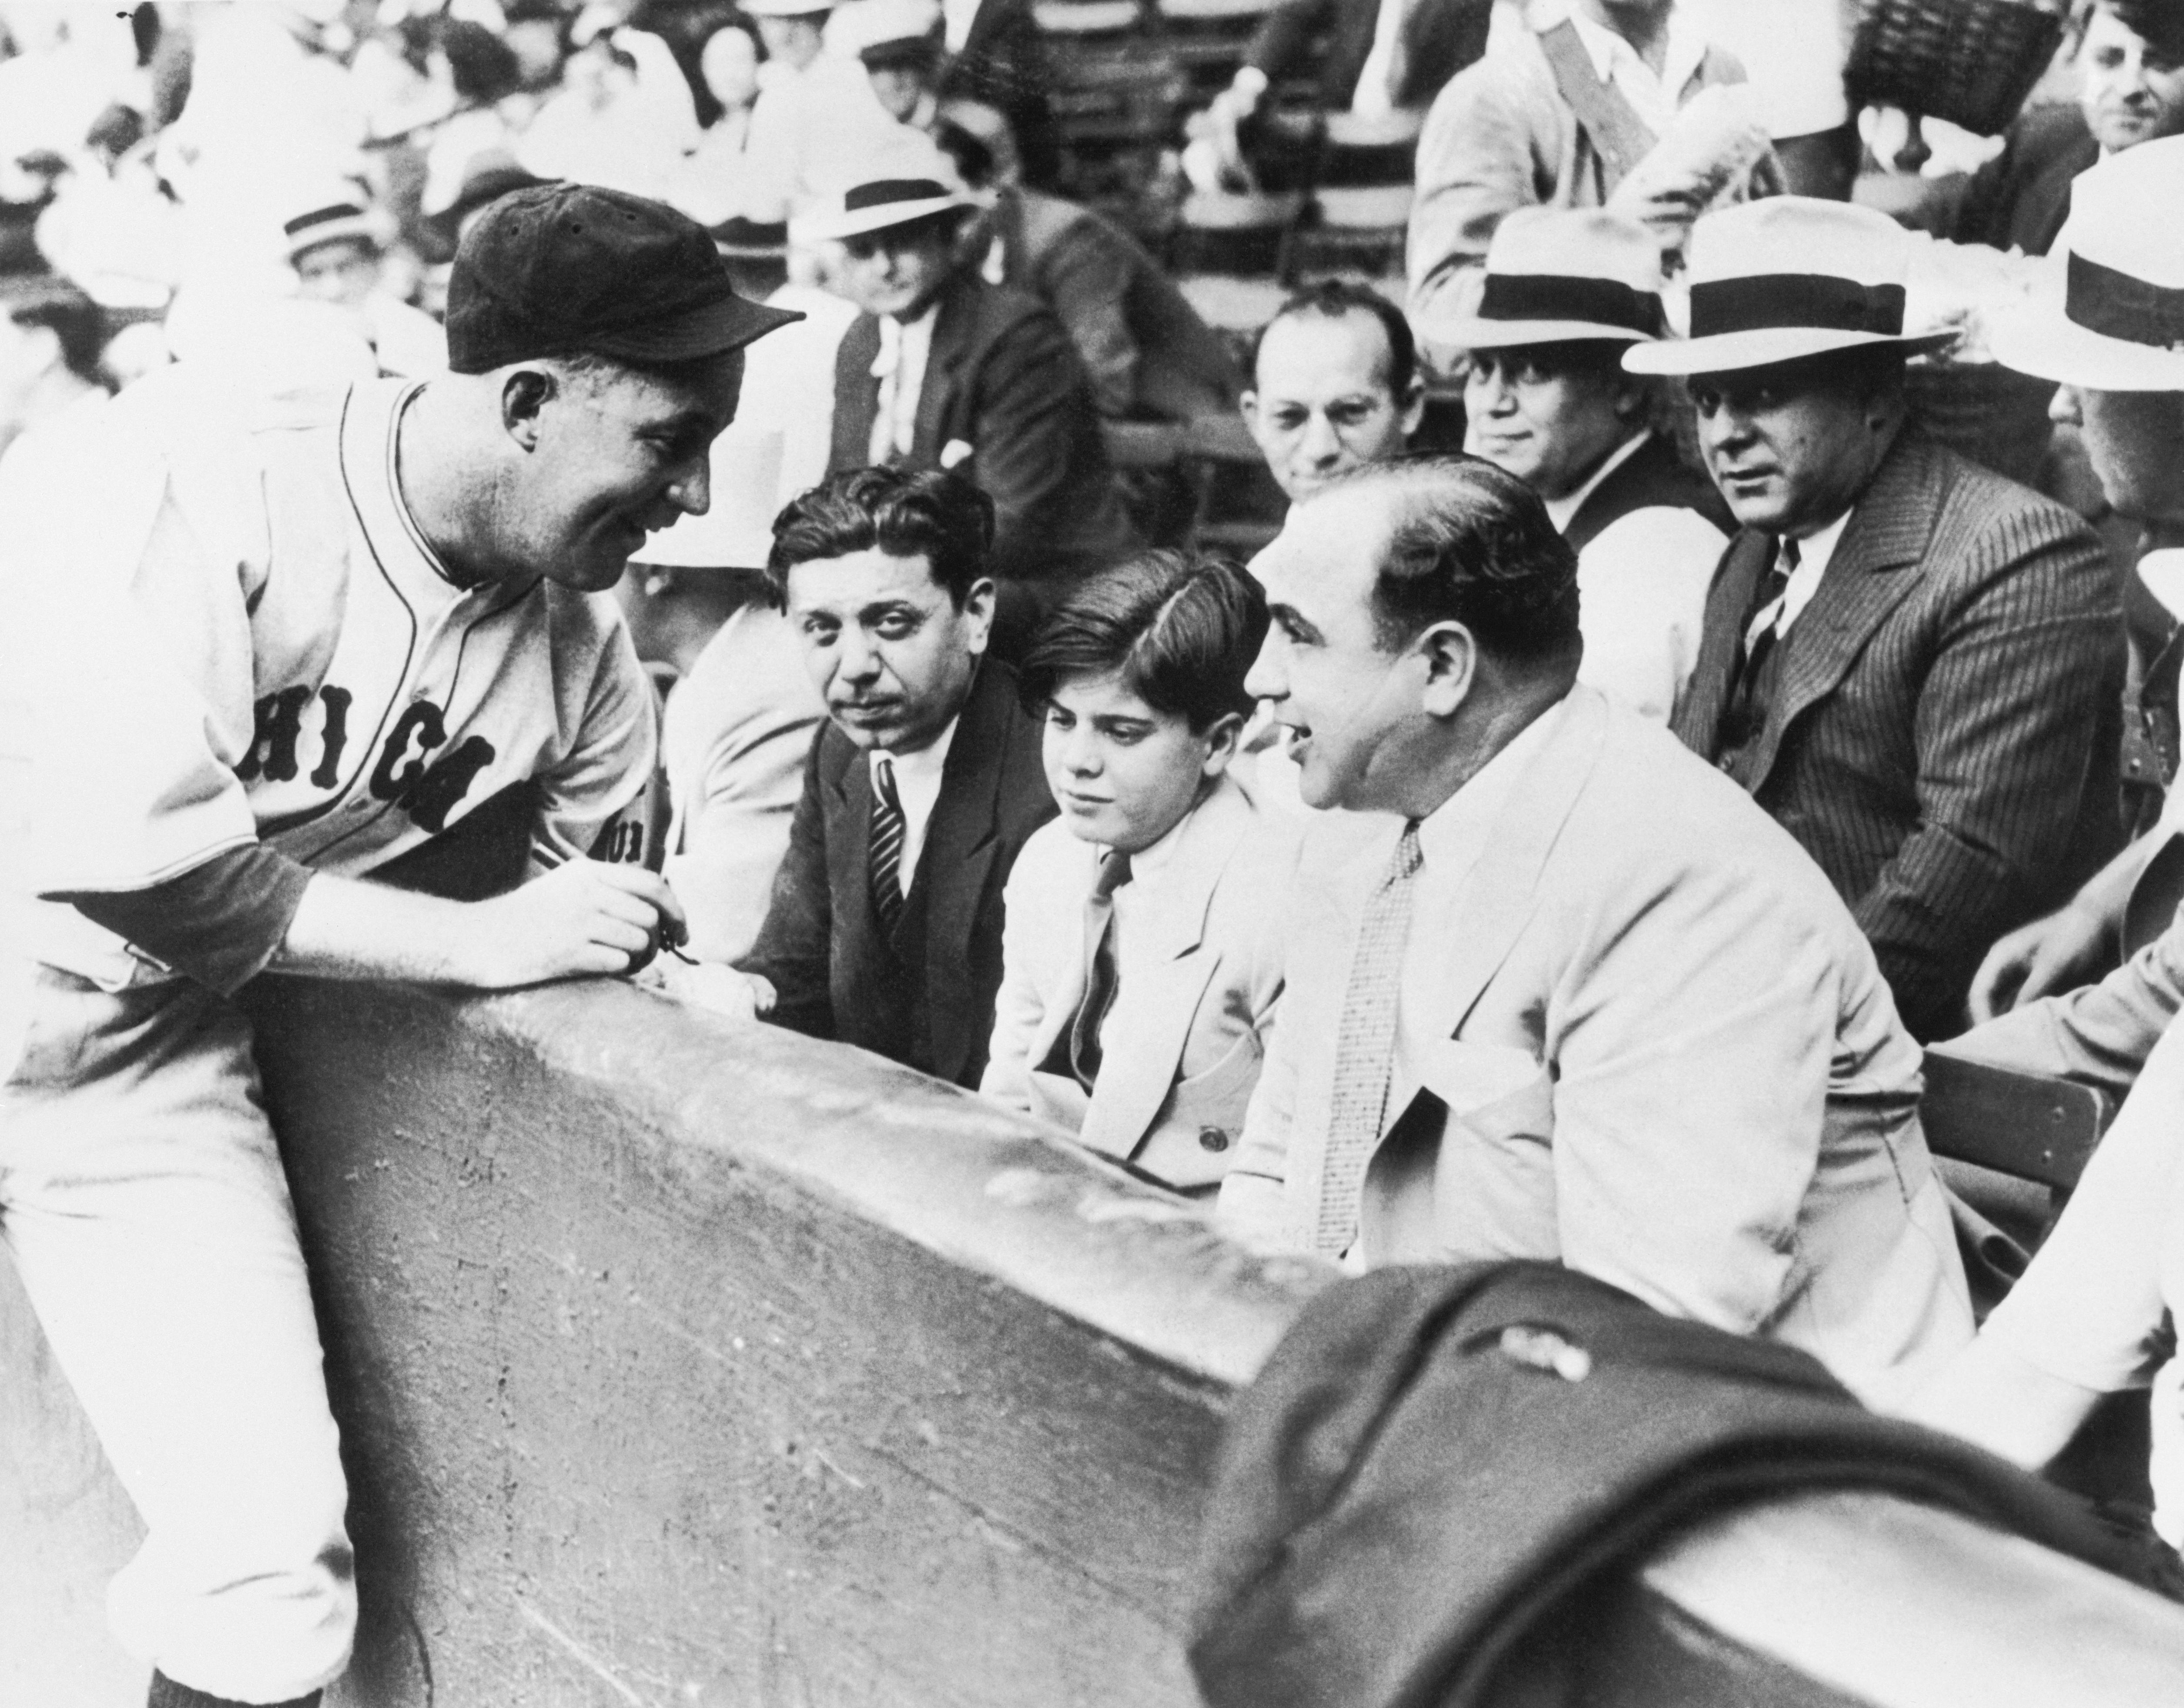 Al Capone at Charity Ballgame